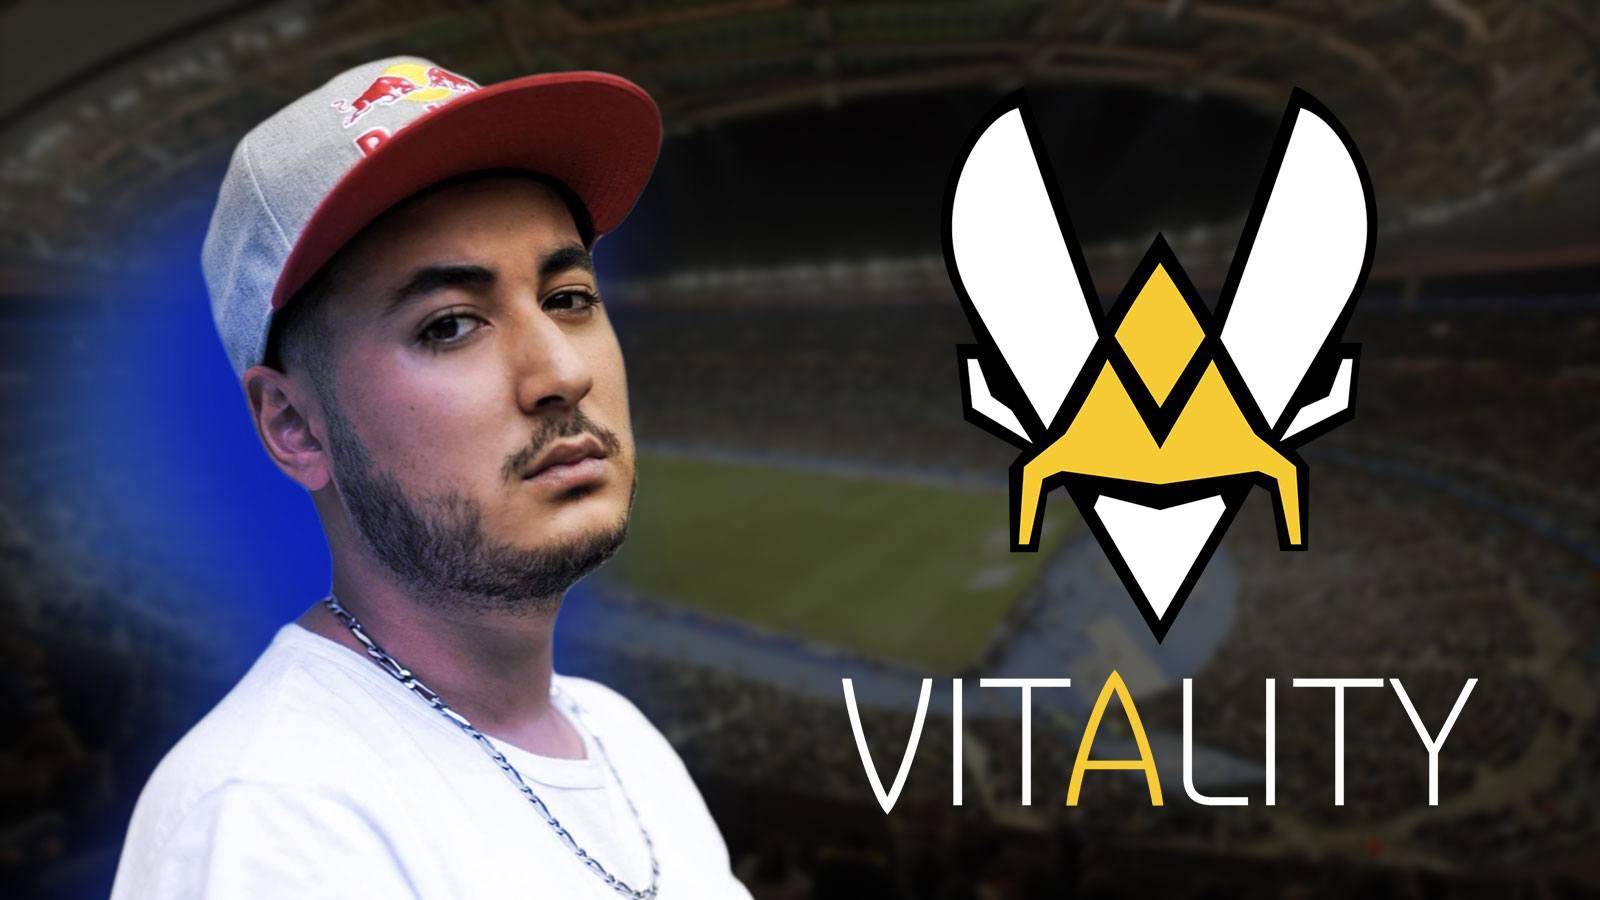 Red Bull - Vitality - Stade de France